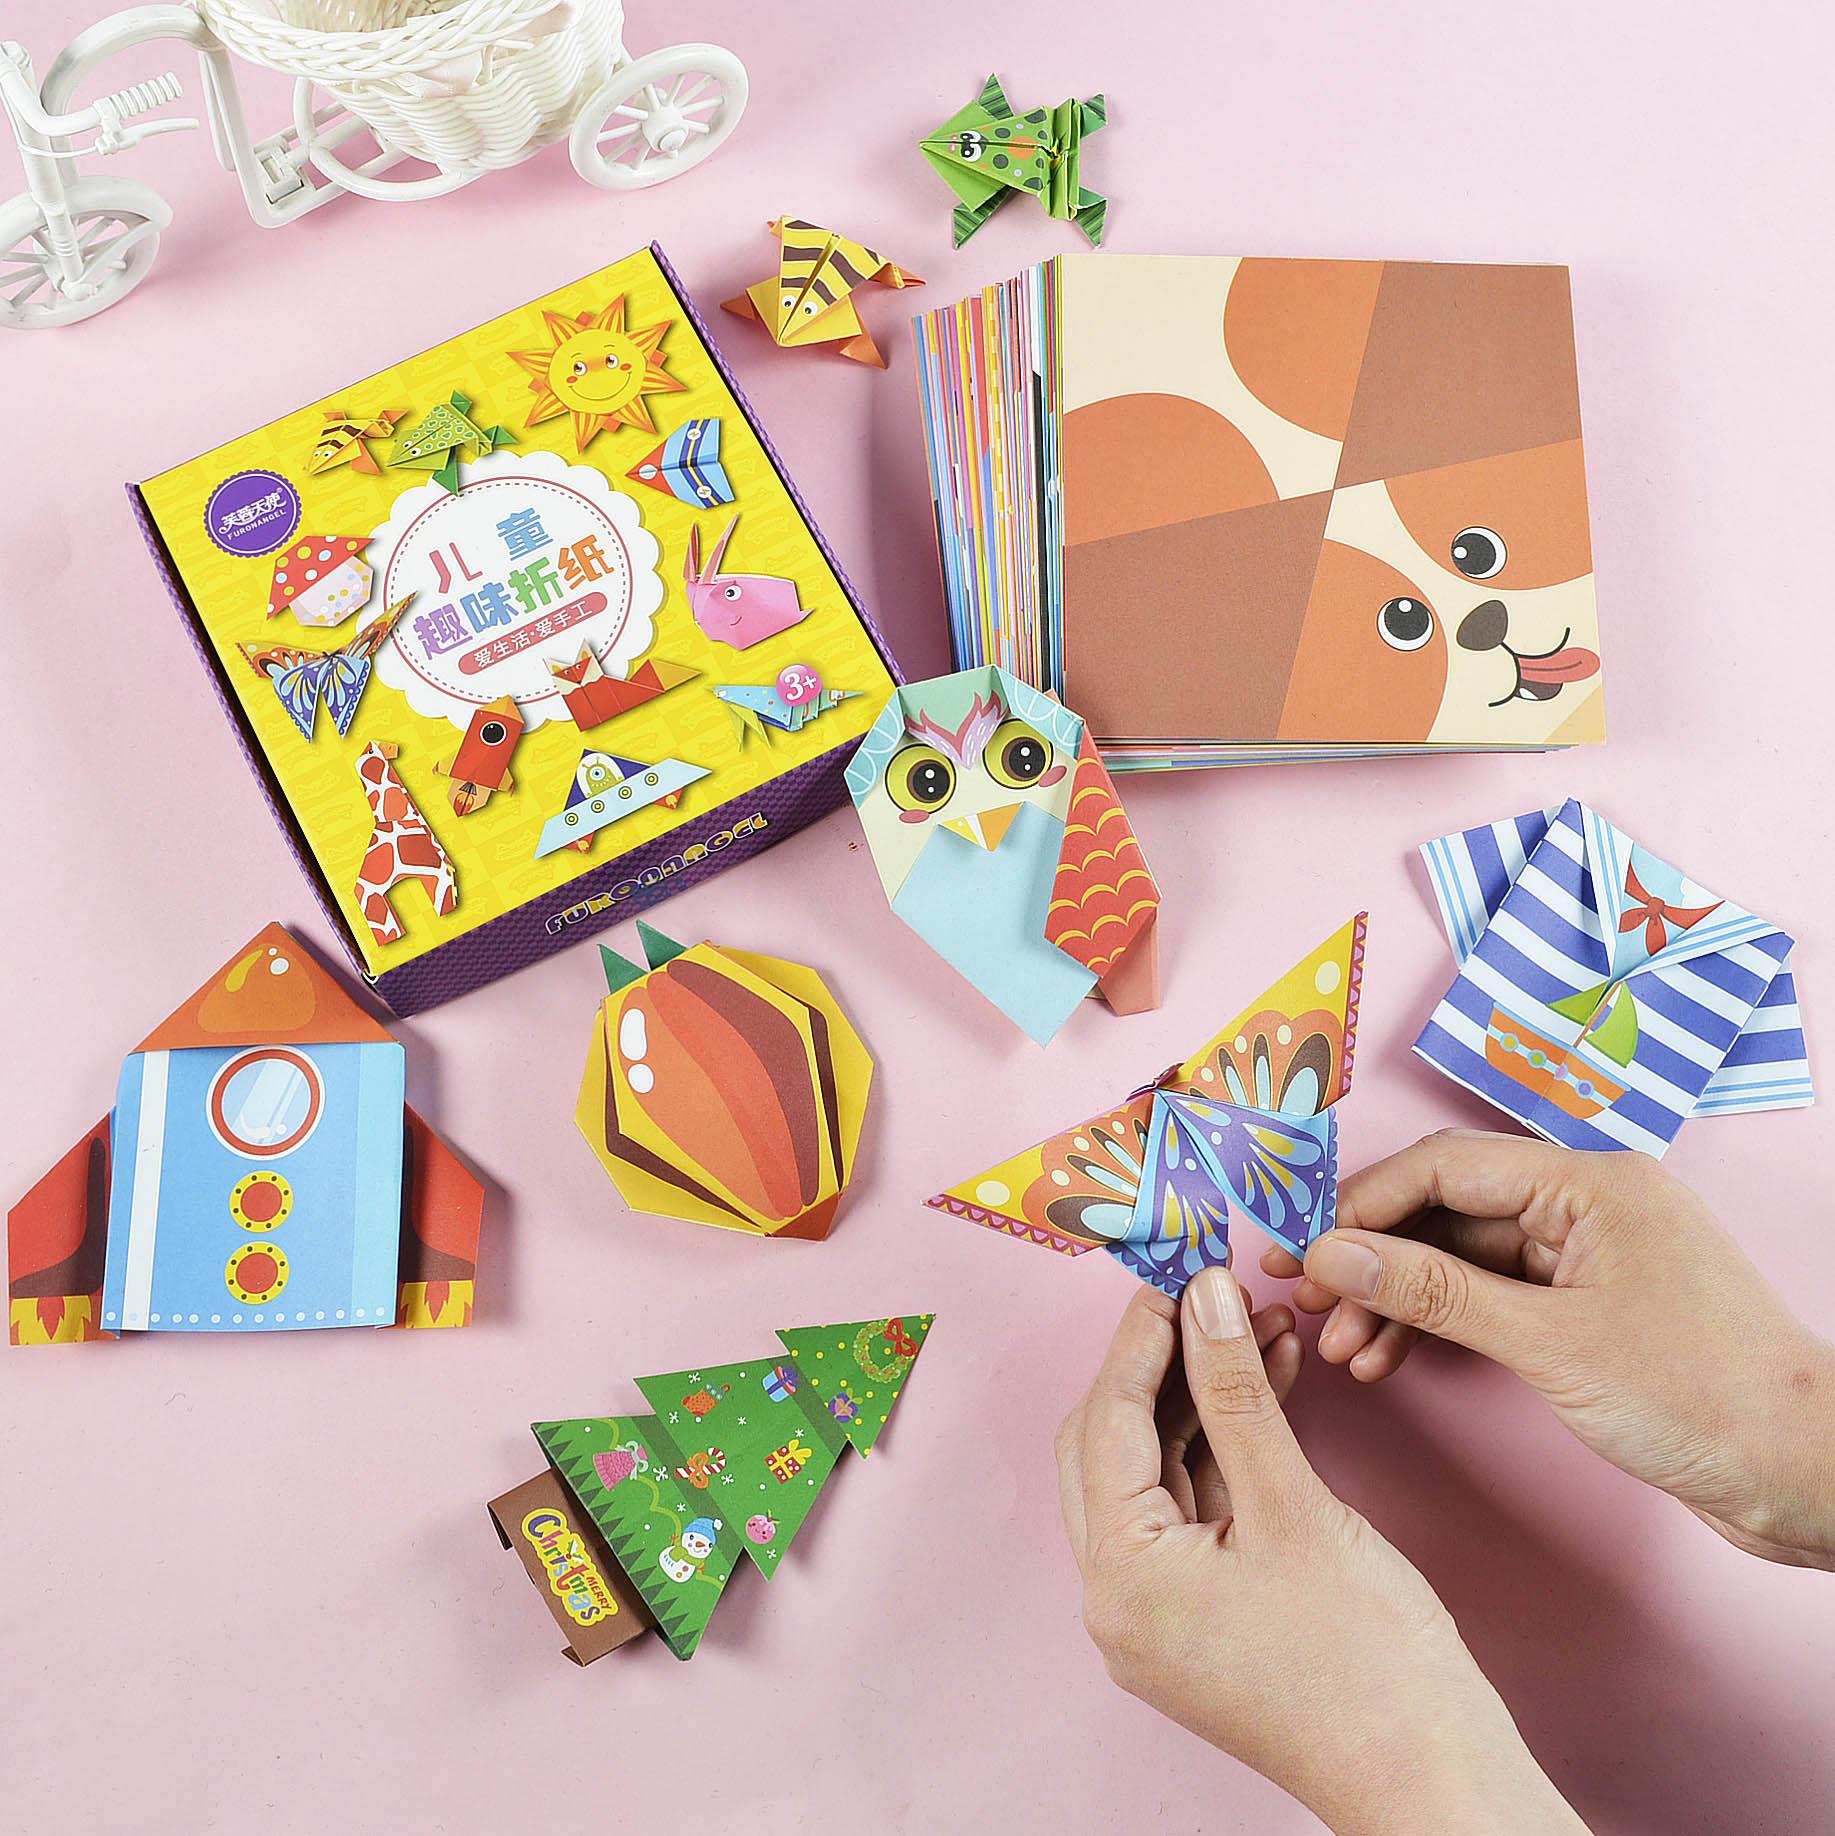 幼儿园宝宝大全儿童立体折纸玩具折纸书手工剪纸初级入门趣味套装